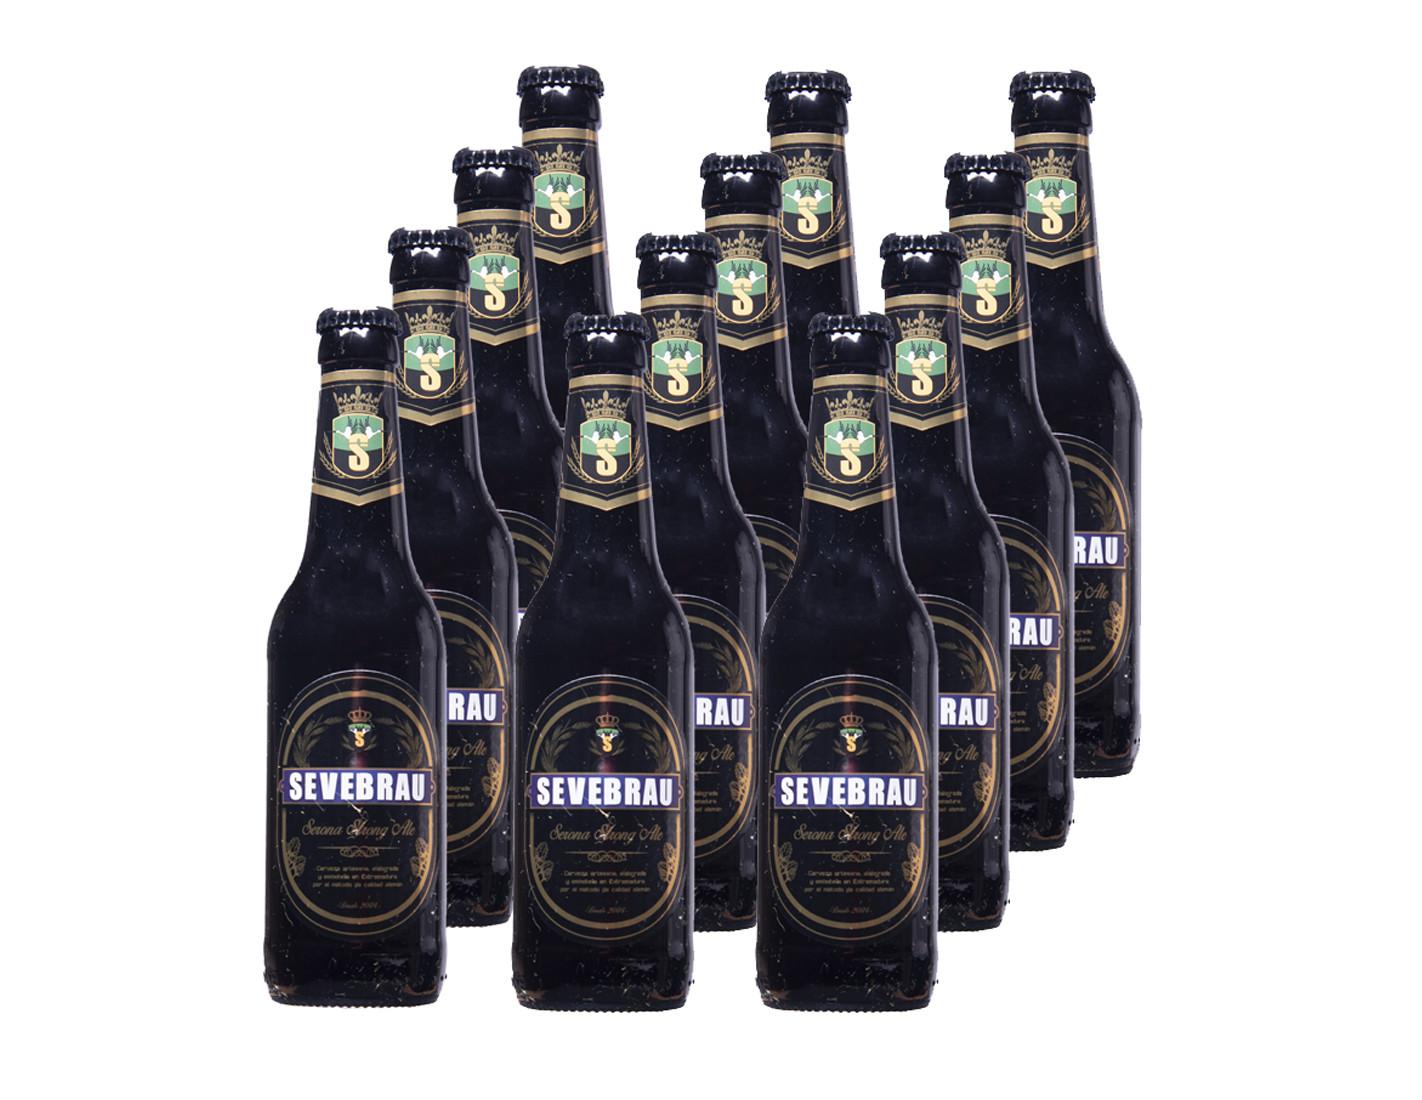 Lote de 12 Cervezas Serona Strong ale...